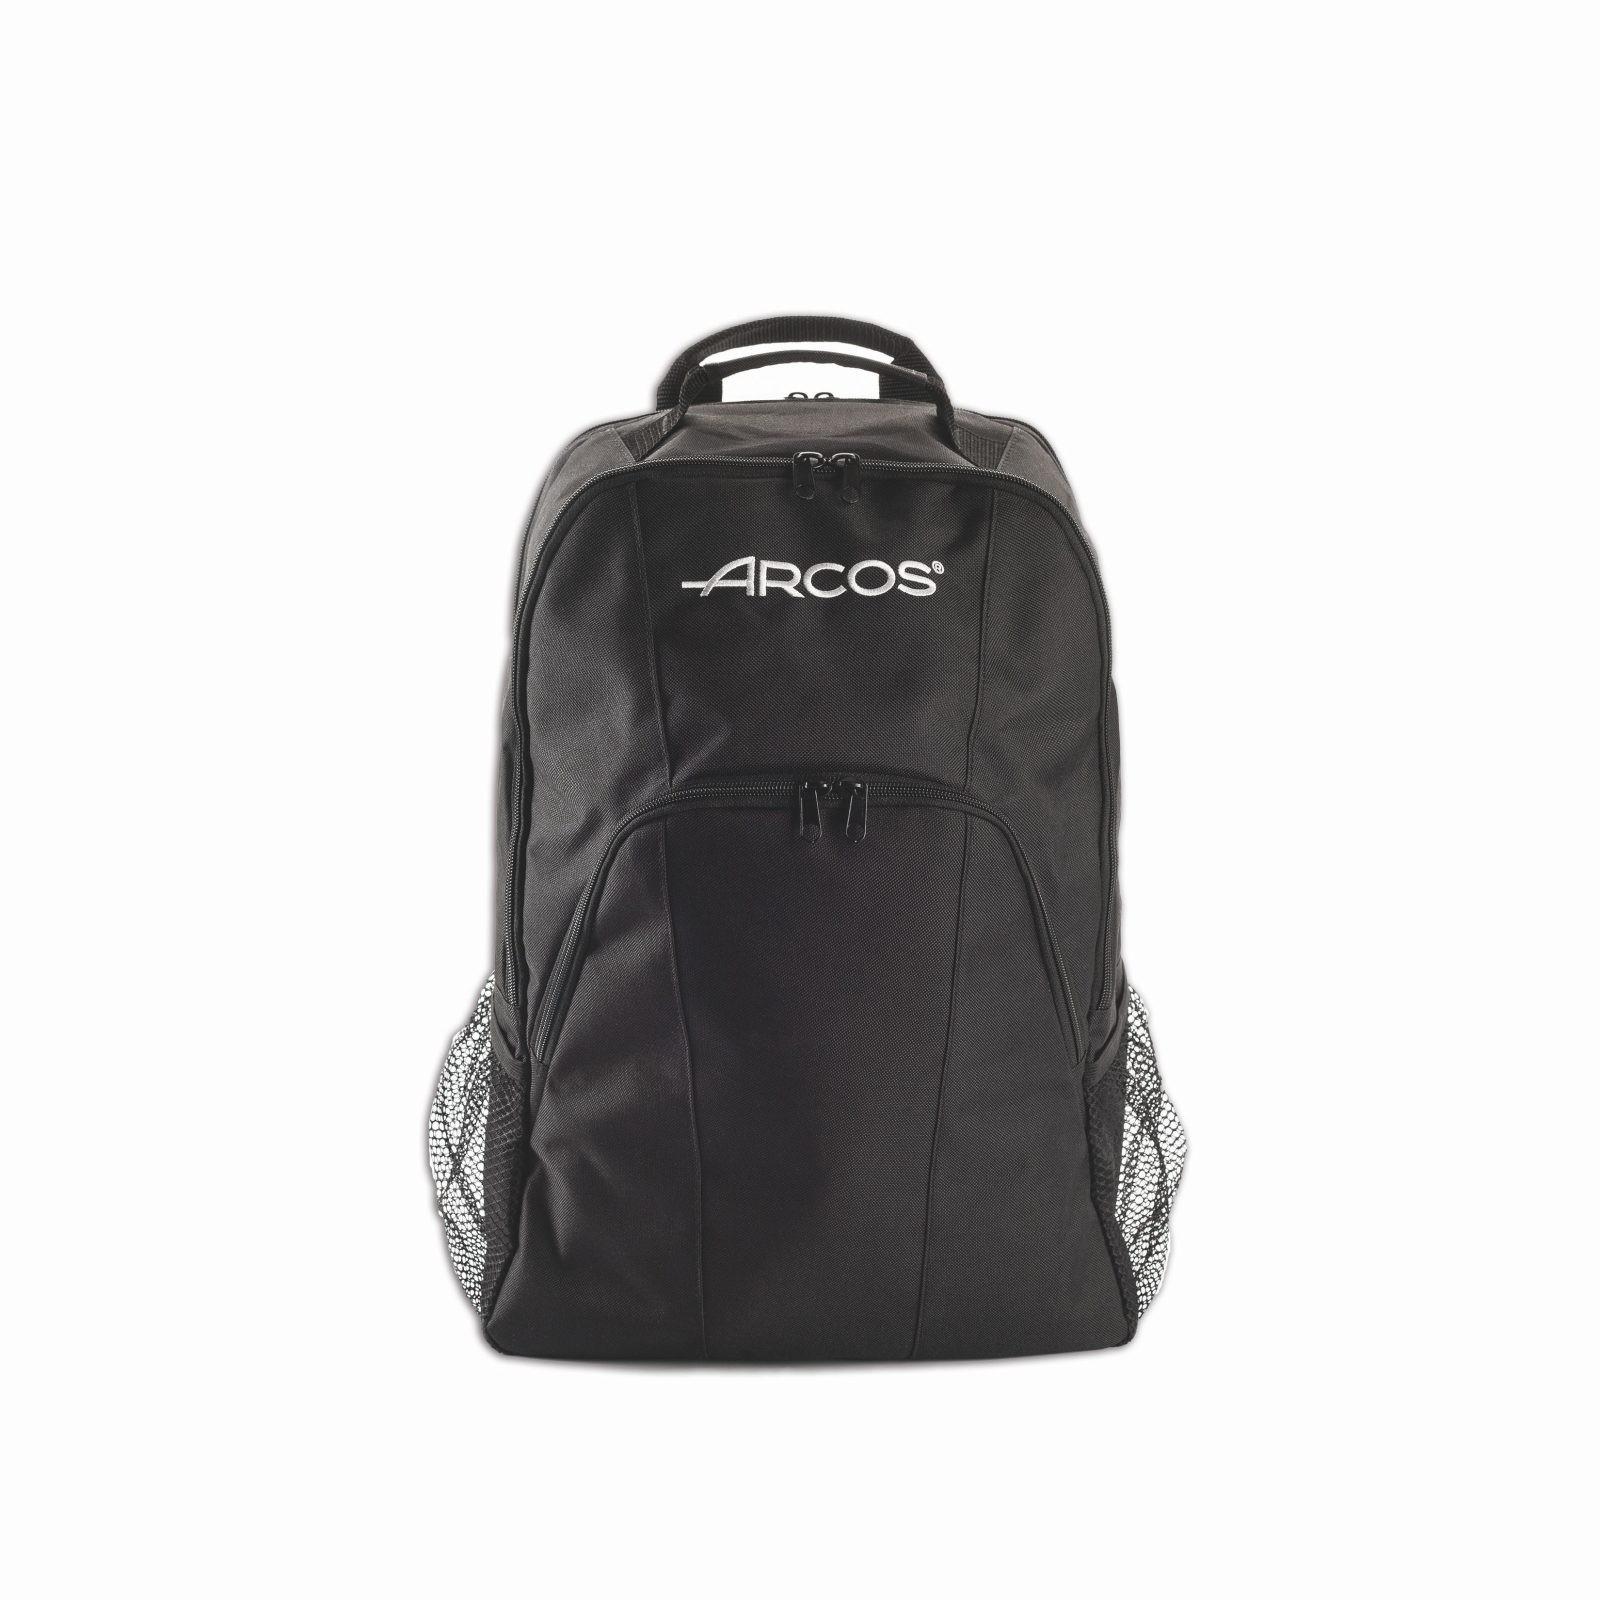 Arcos Ryggsäck 29L med knivväska för 9 knivar